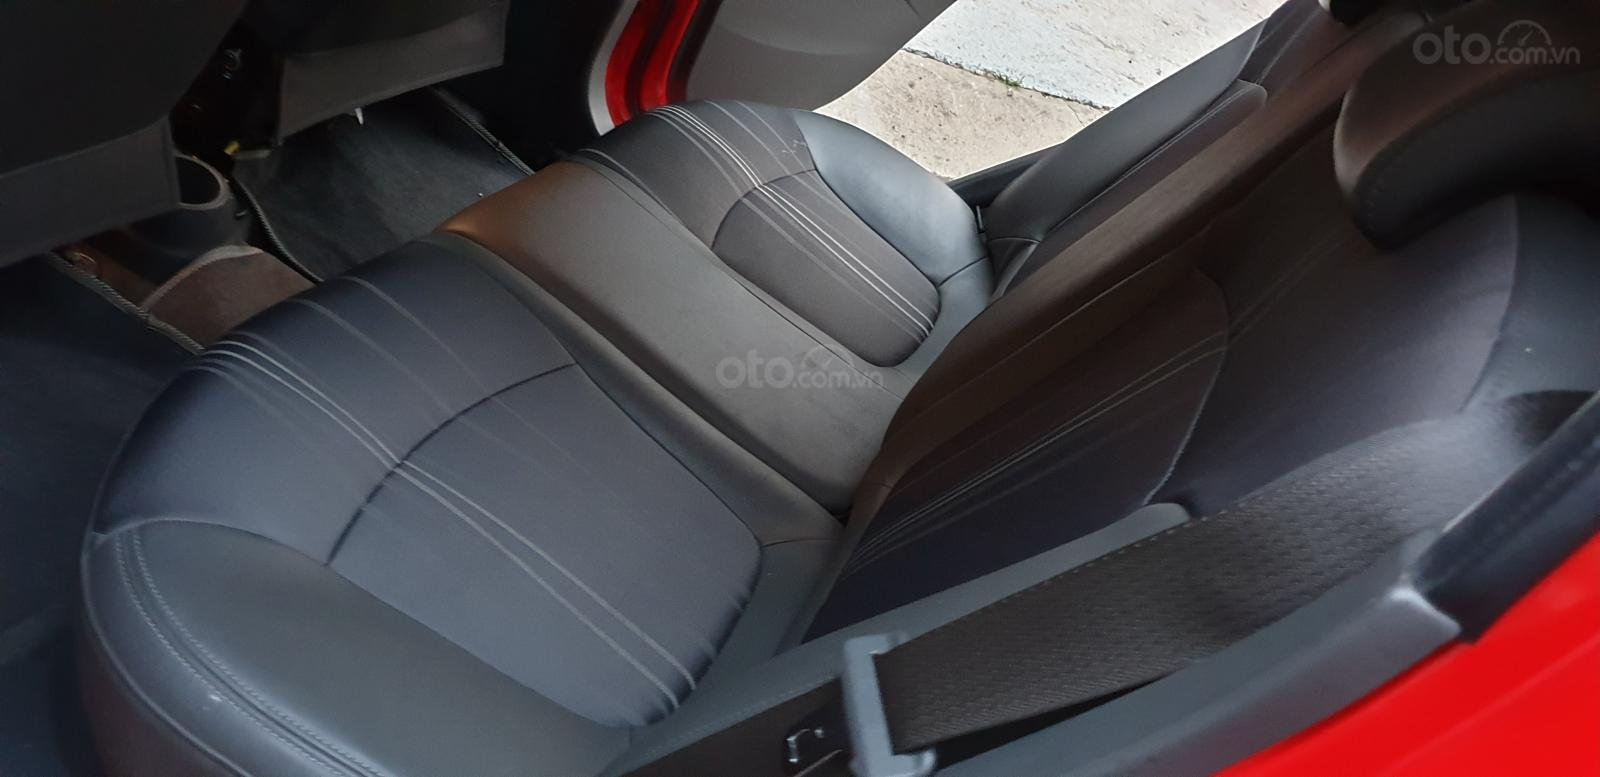 Bán Chevrolet Spark LTZ , số tự động đời T2/2014 sx 2013 màu đỏ đẹp mới 90% (17)